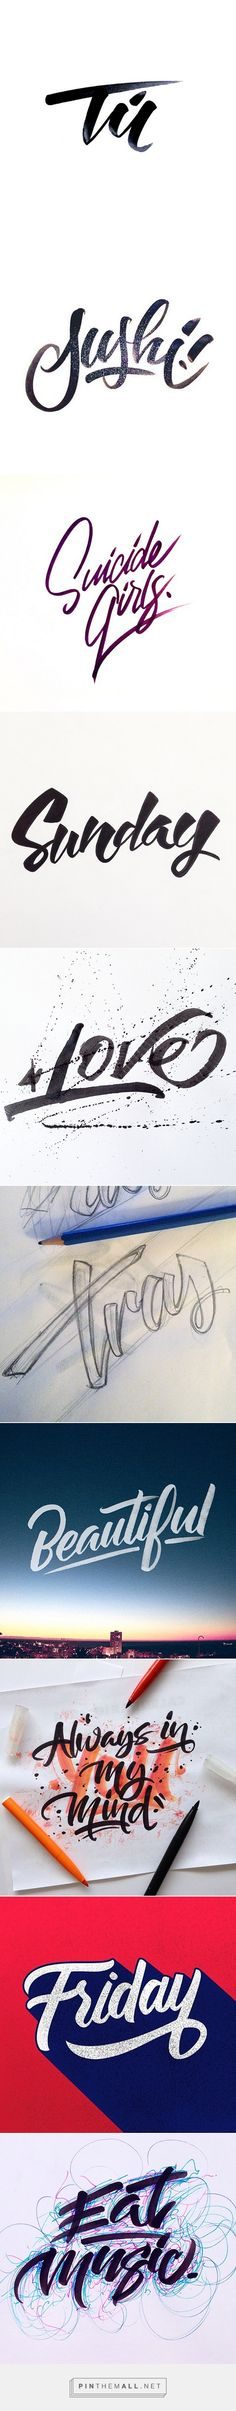 Brushpen Lettering Set 1 by David Milan